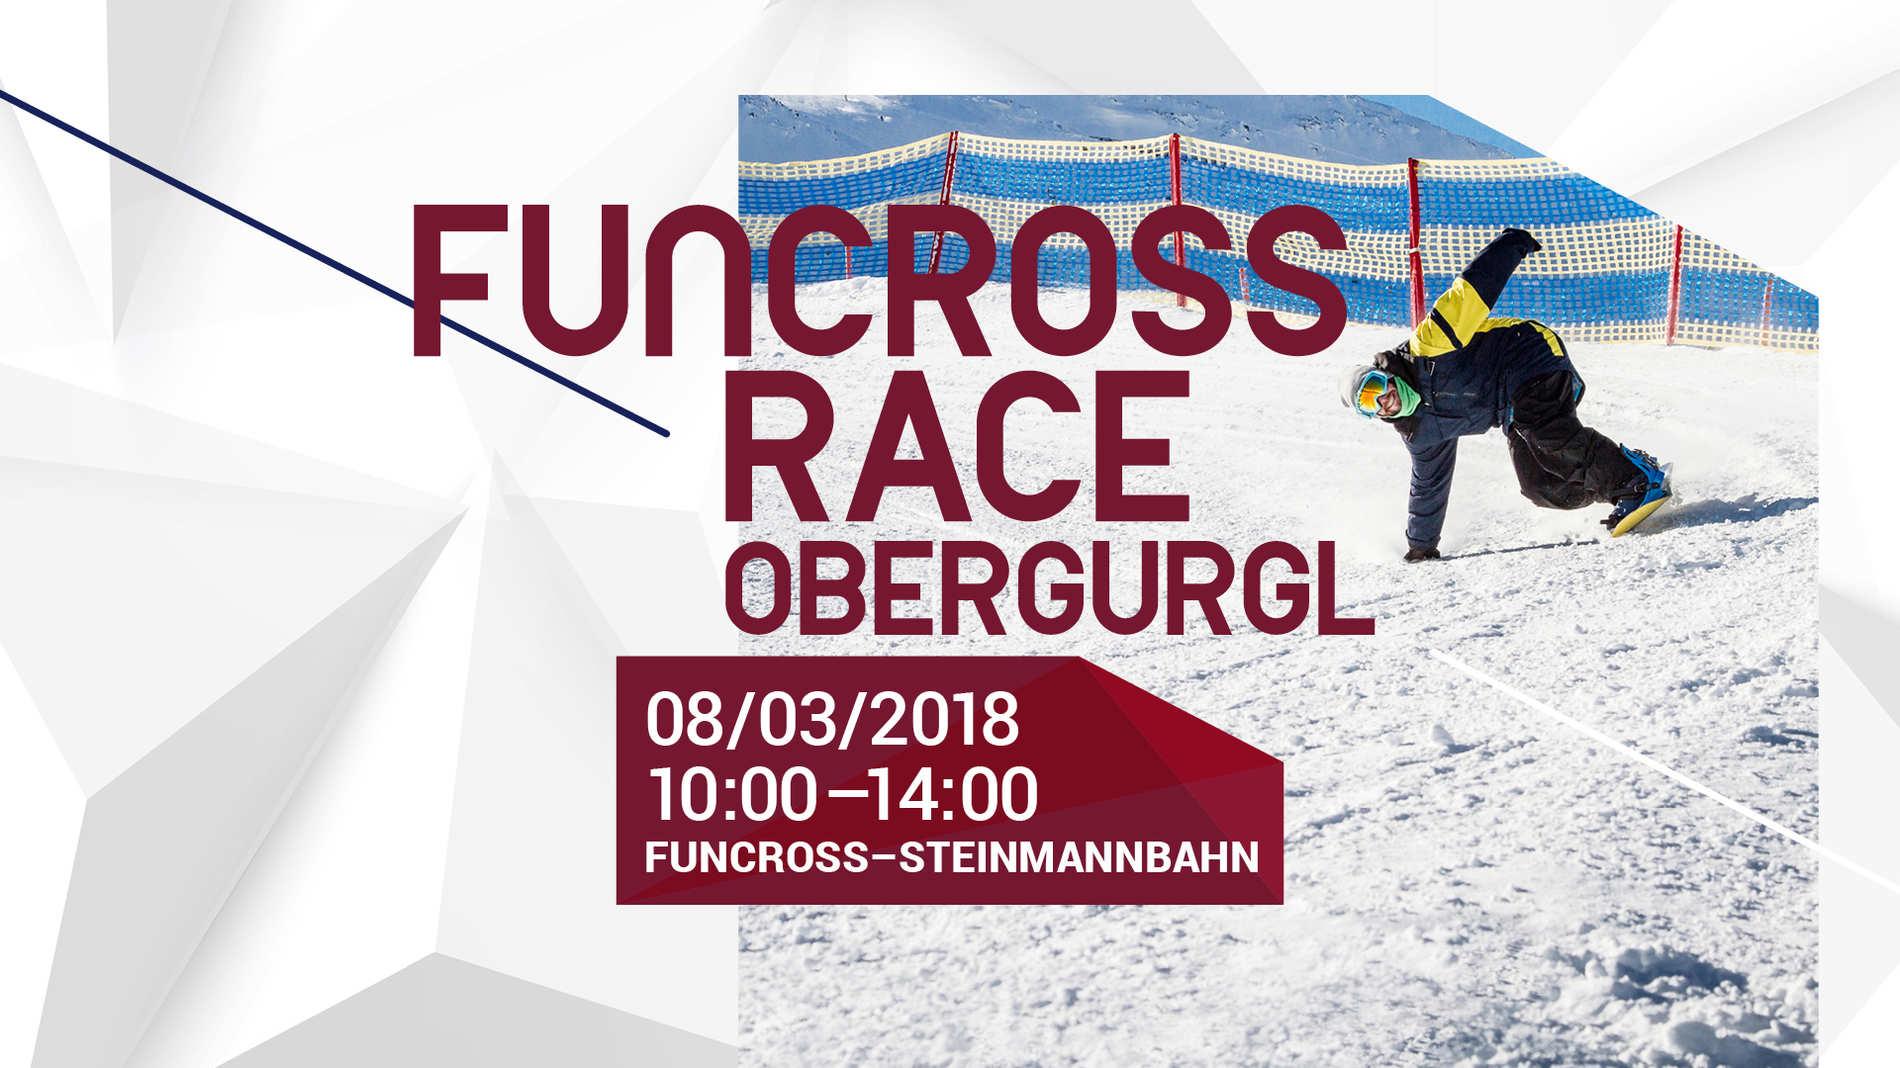 20180226 funcrossraceobergurgl fb 1920x1080